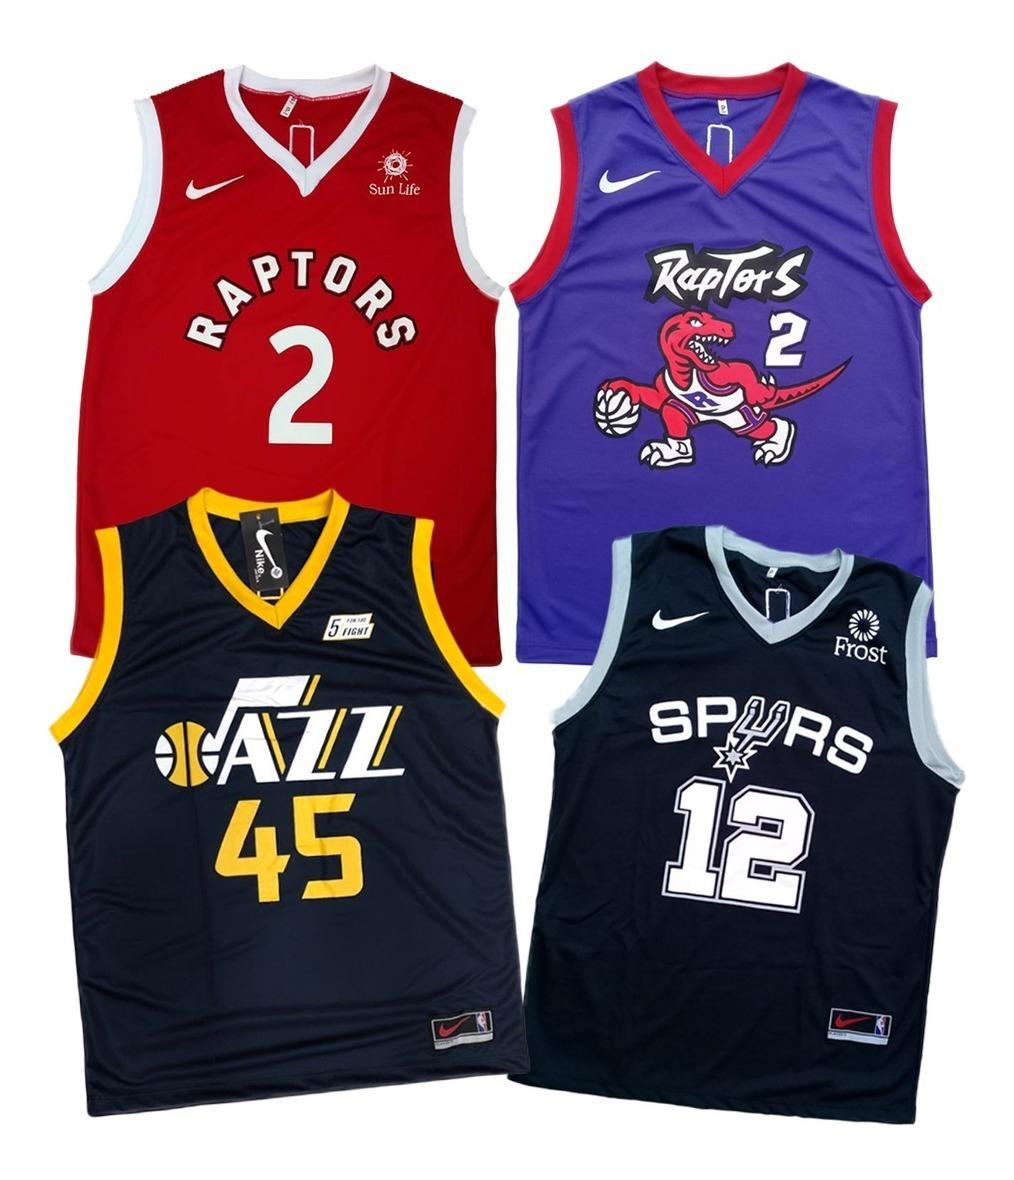 new product 58c51 f0689 Kit 4 Camiseta Regata Basquete Musculação Bulls Lakers Cavs